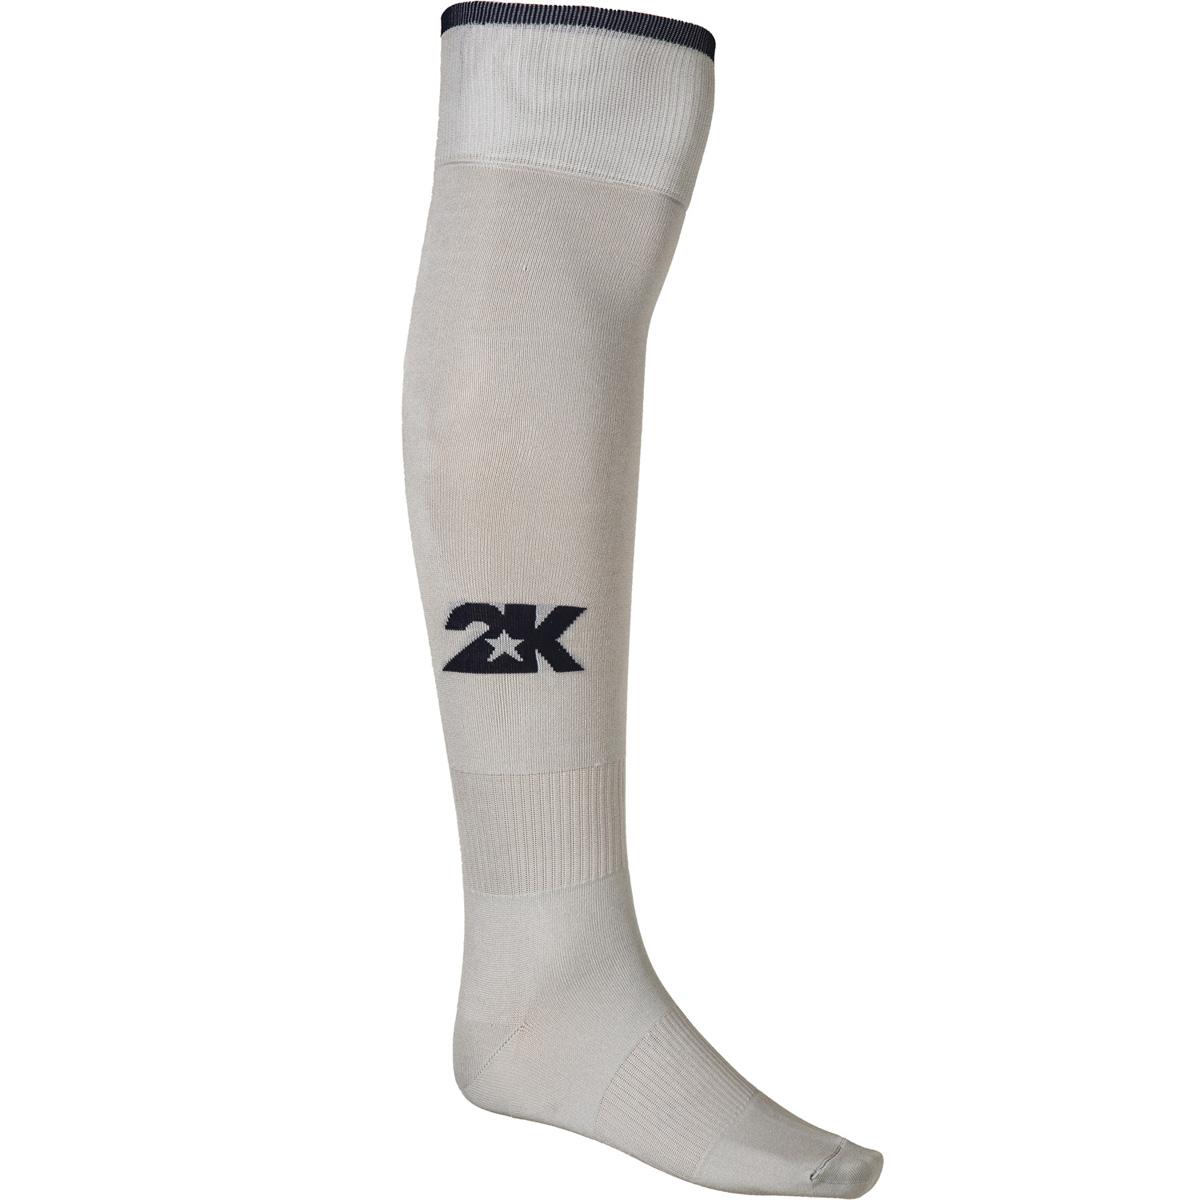 Гетры футбольные 2K Sport Classic, цвет: серебристый, темно-синий. 120334. Размер 41/46120334_silver/navyКлассические футбольные гетры выполнены из высококачественного материала. Оформлены логотипом бренда.